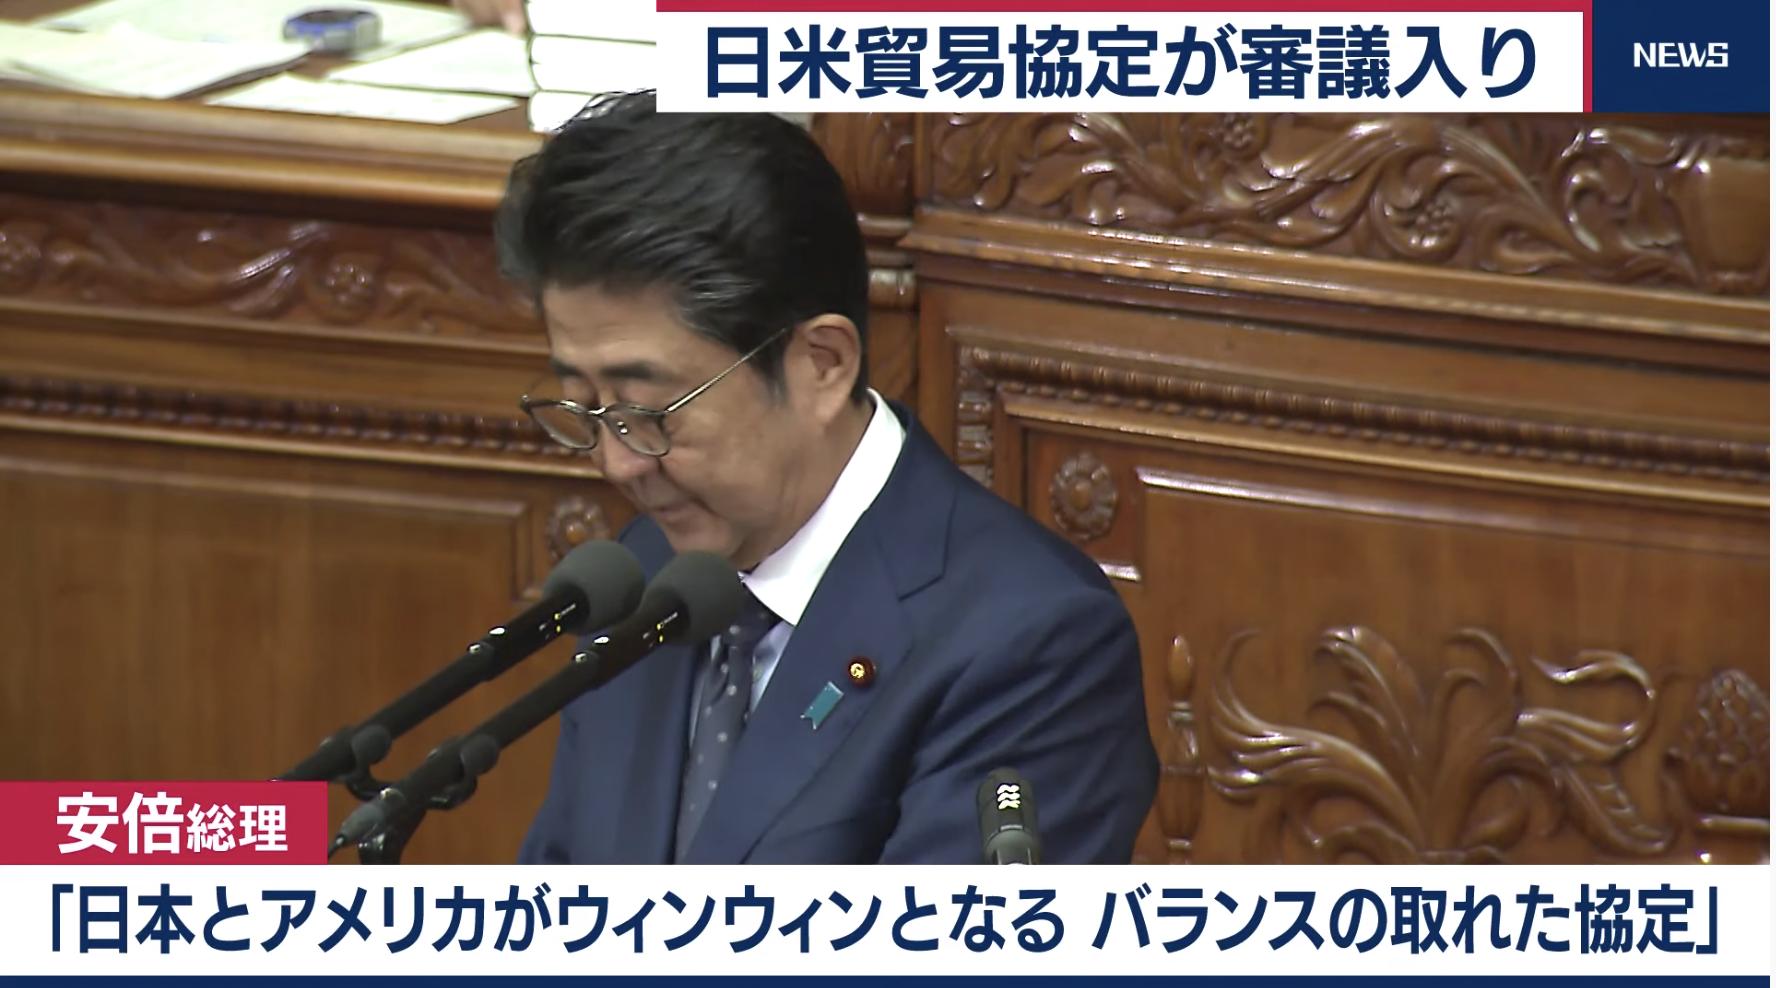 野党は反発【日米貿易協定】国会で審議入り